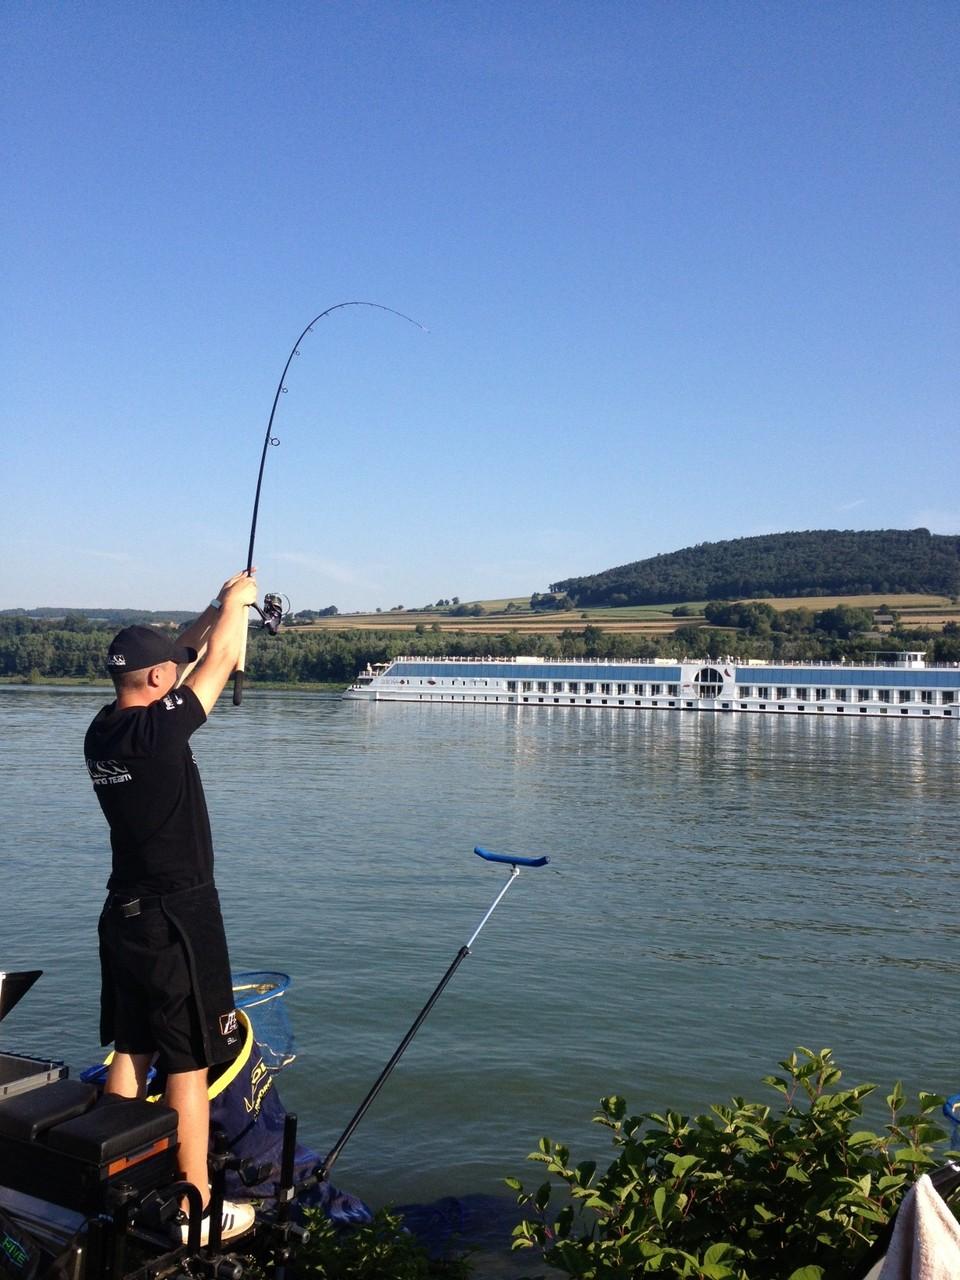 Feederkurse - bis maximal 3 Personen an der Donau